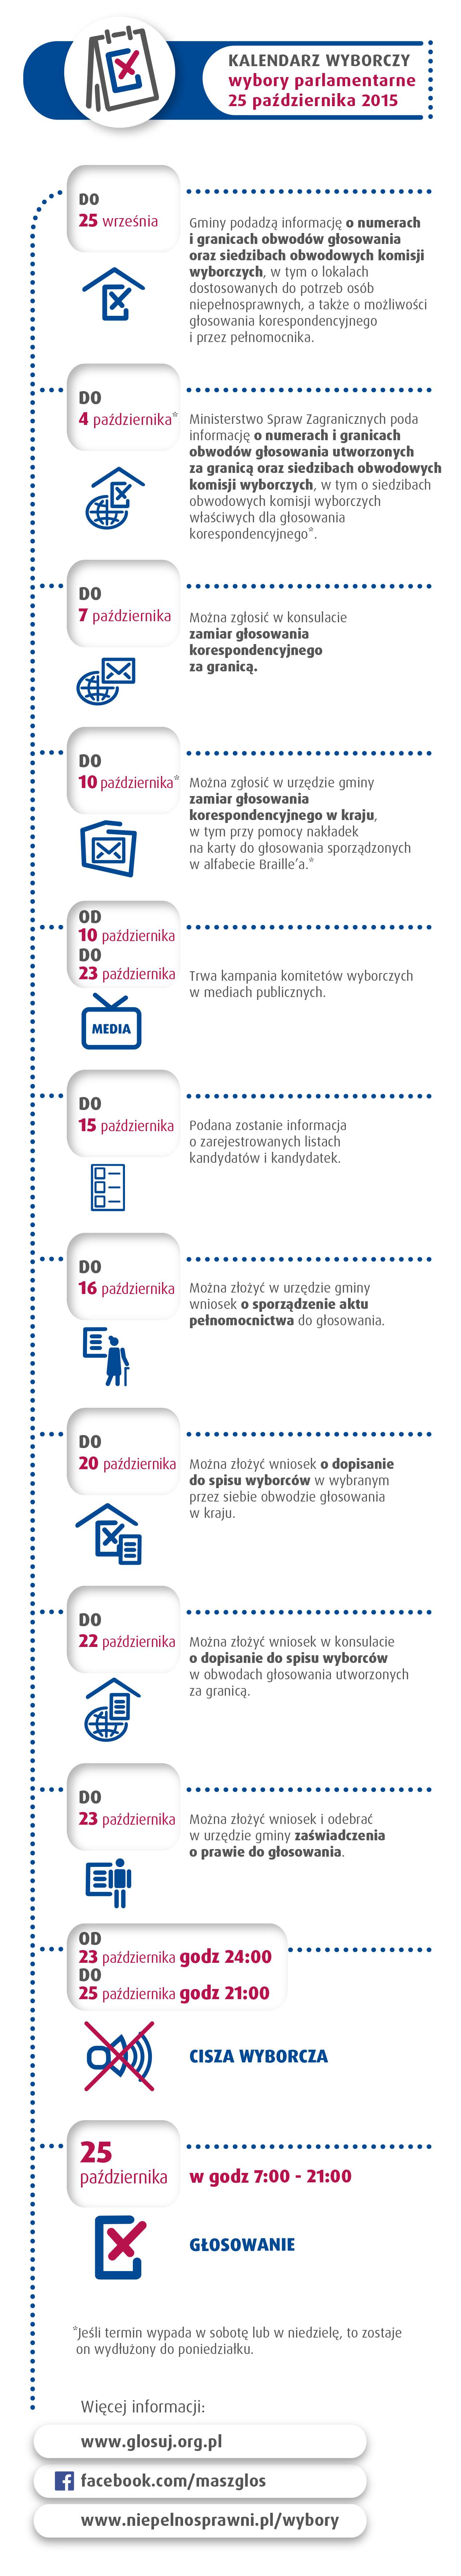 MGMW_Wybory2015_infograf_KalendarzWyborczy_6